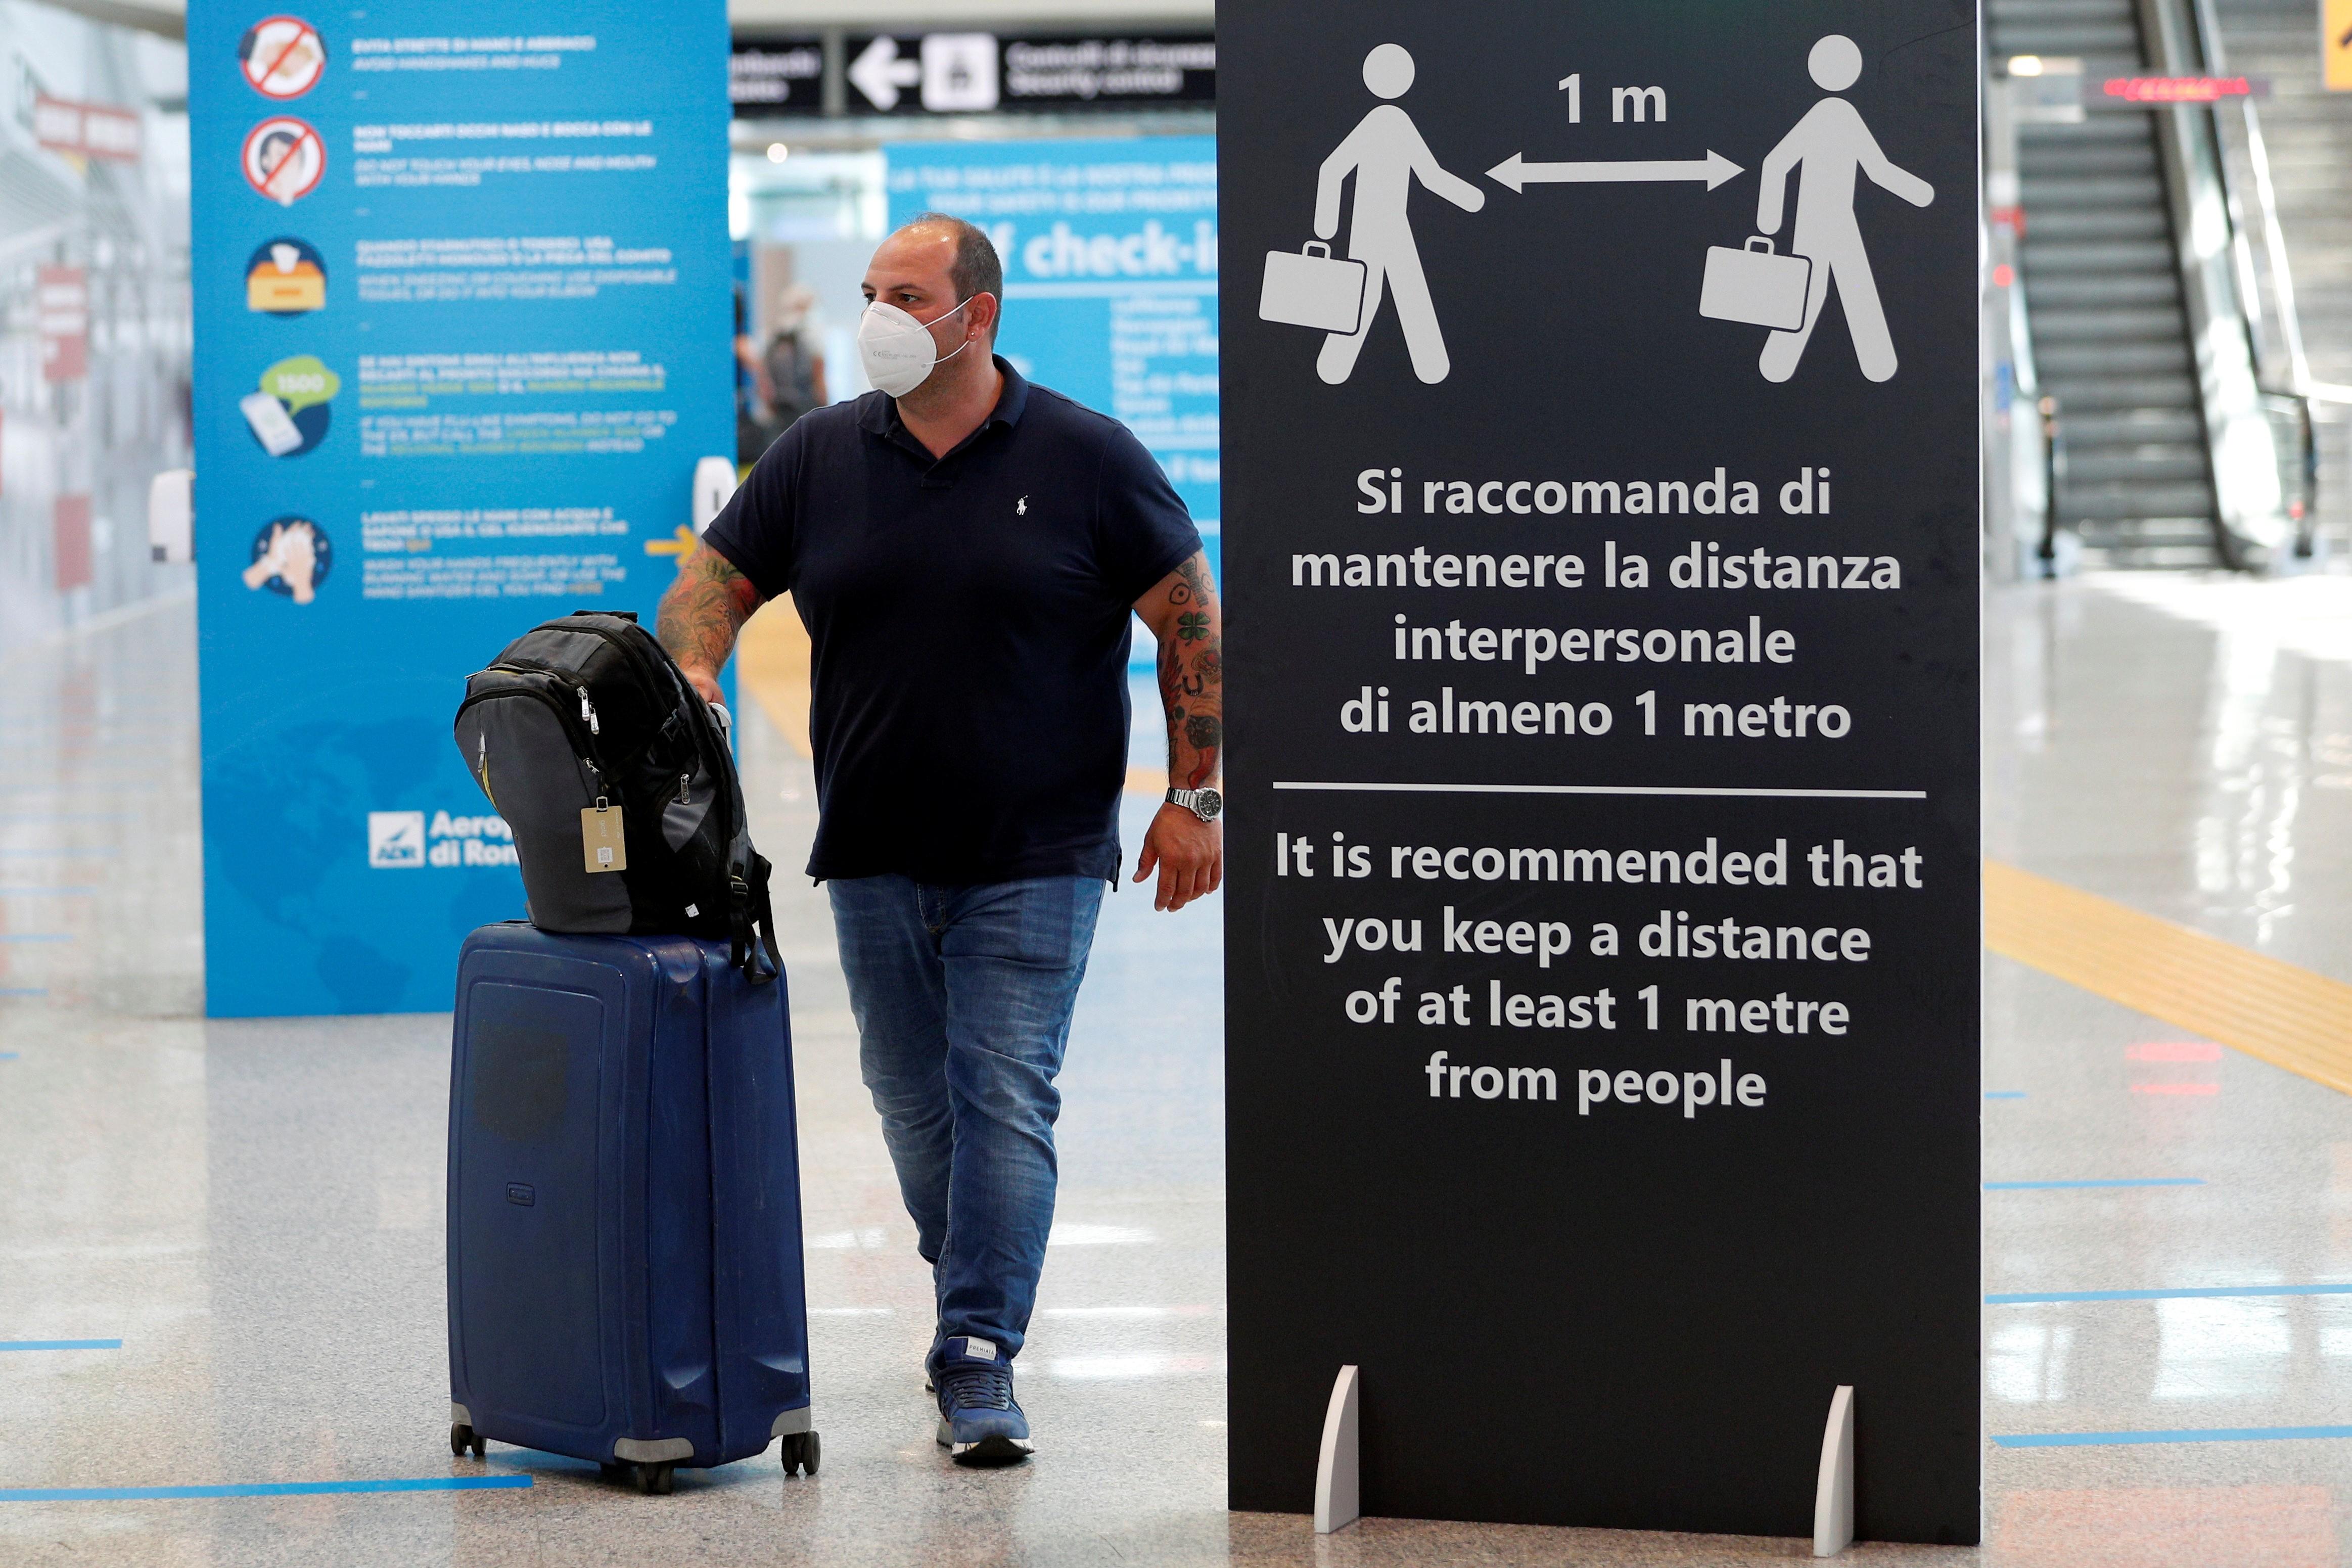 União Europeia restringe viagens não essenciais, mas mantêm fronteiras internas abertas